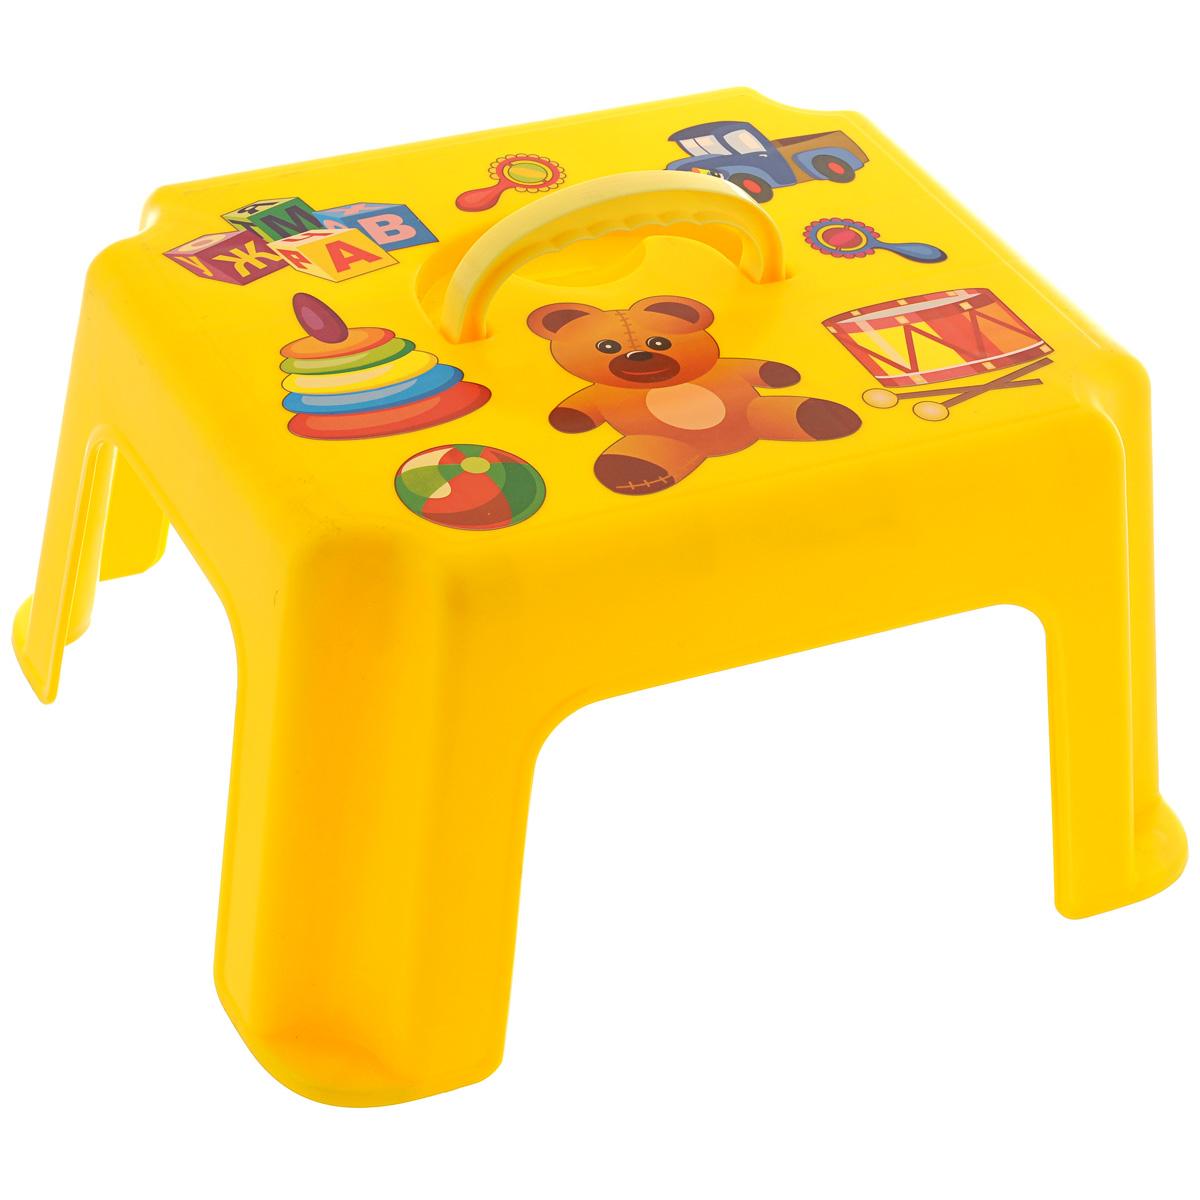 Табурет-подставка детский Idea, с ручкой, цвет: желтыйМ 2290_ желтыйТабурет-подставка Idea изготовлен из высококачественного прочного пластика, оформленного красочными изображениями, которые привлекут внимание ребенка. Изделие предназначено для детей, можно использовать и как стульчик, и как подставку для игрушек. Очень удобный аксессуар для мам и малышей. Табурет оснащен ручкой для удобной переноски.